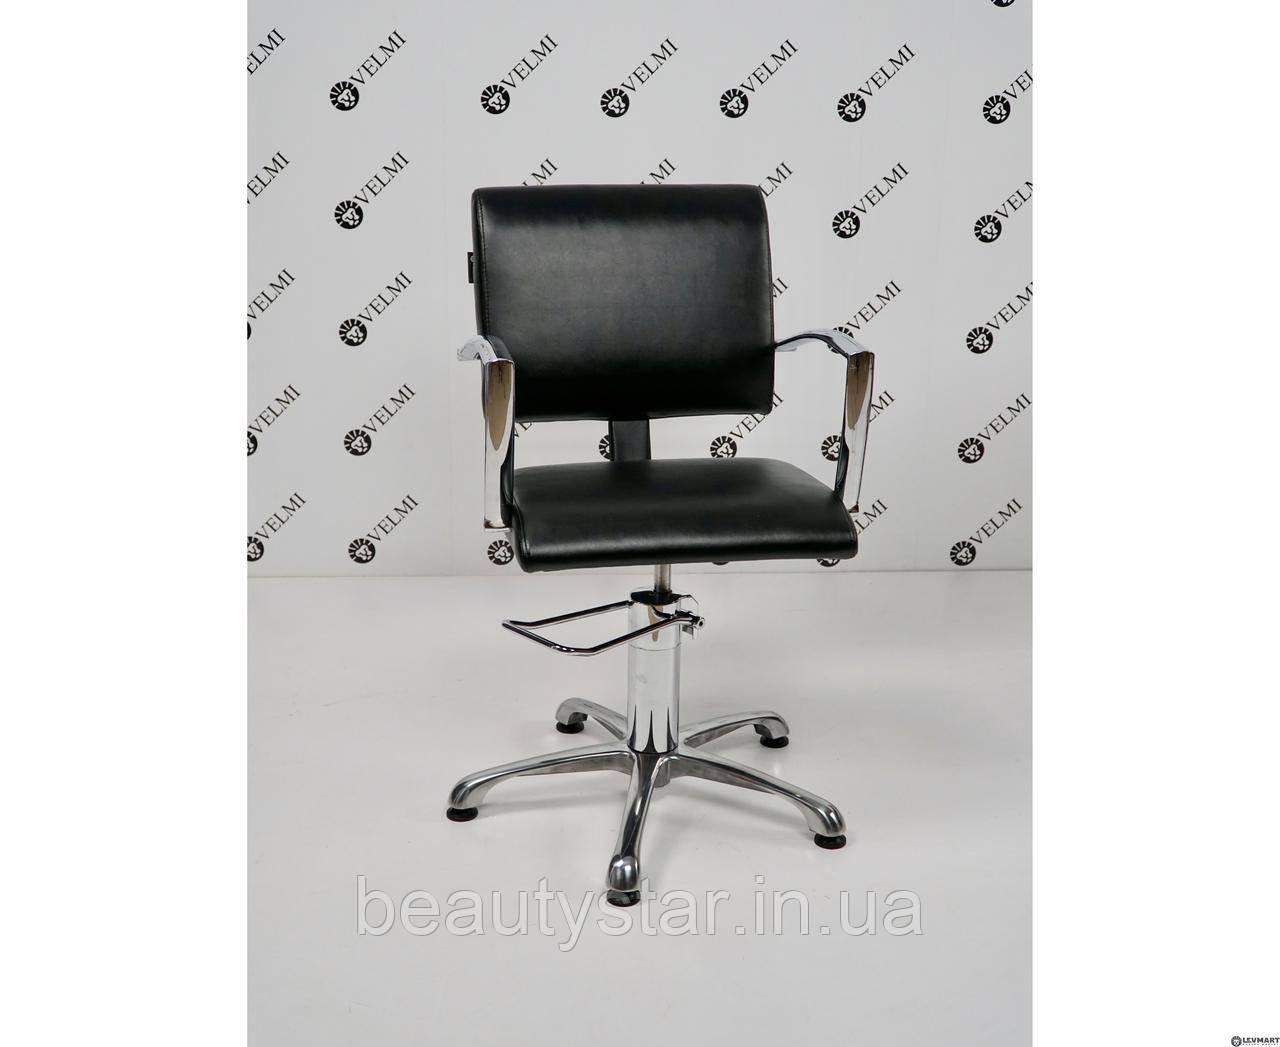 Парикмахерское кресло STELLA кресло для клиентов парикмахера с хромированными подлокотниками Velmi